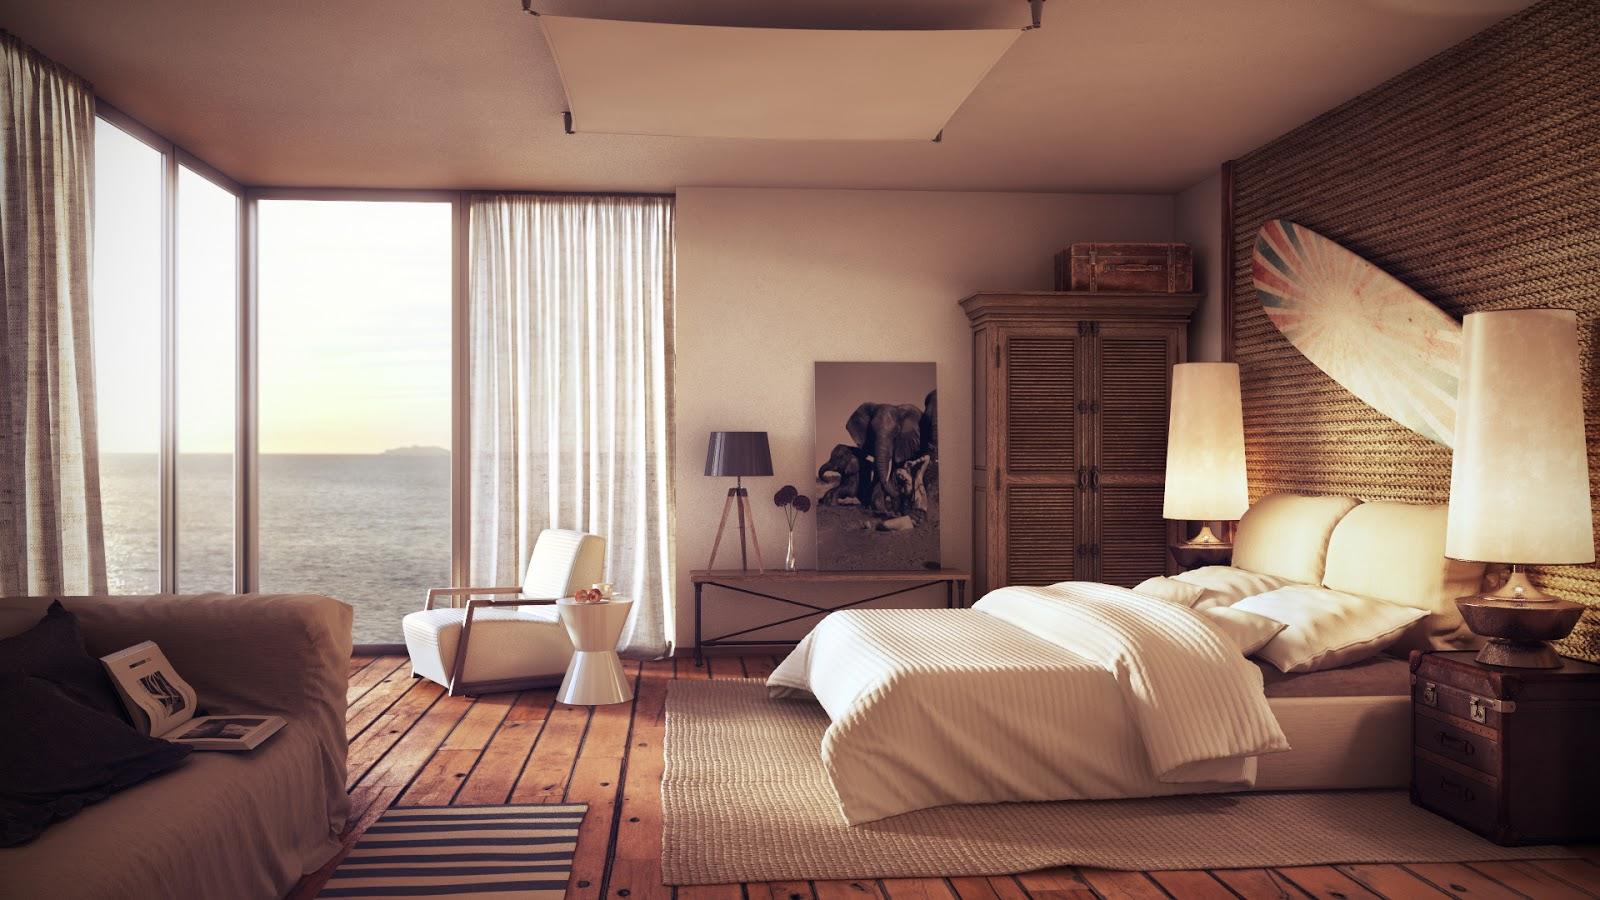 Спальня с выходом к бассеину  № 1743830 без смс